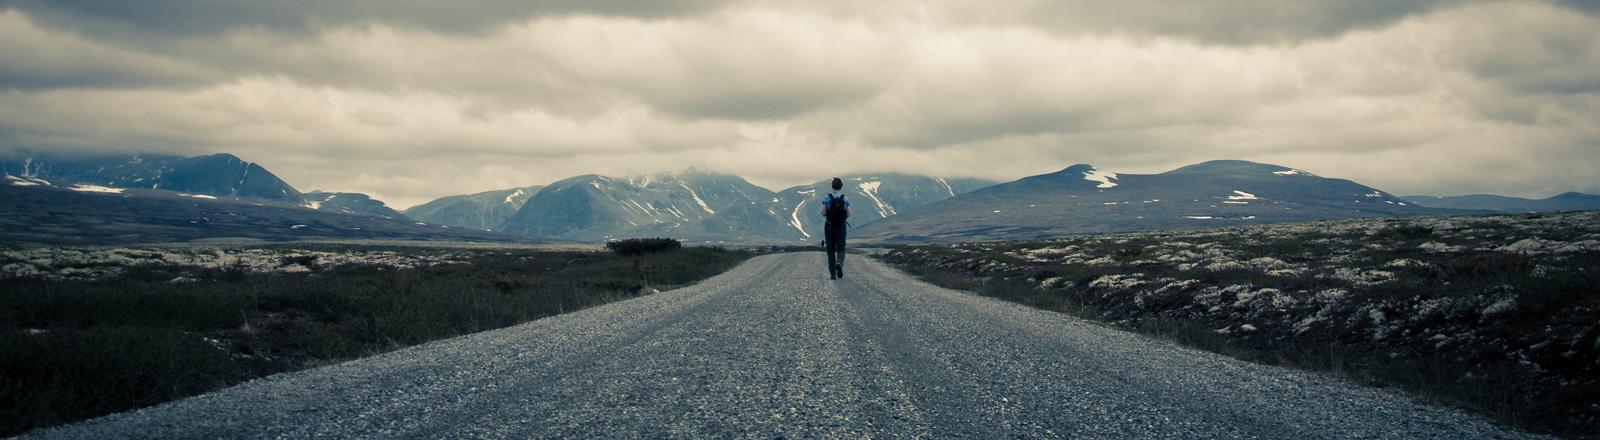 EIne Person auf einem scheinbar endlos langen Weg in Richtung Berge.